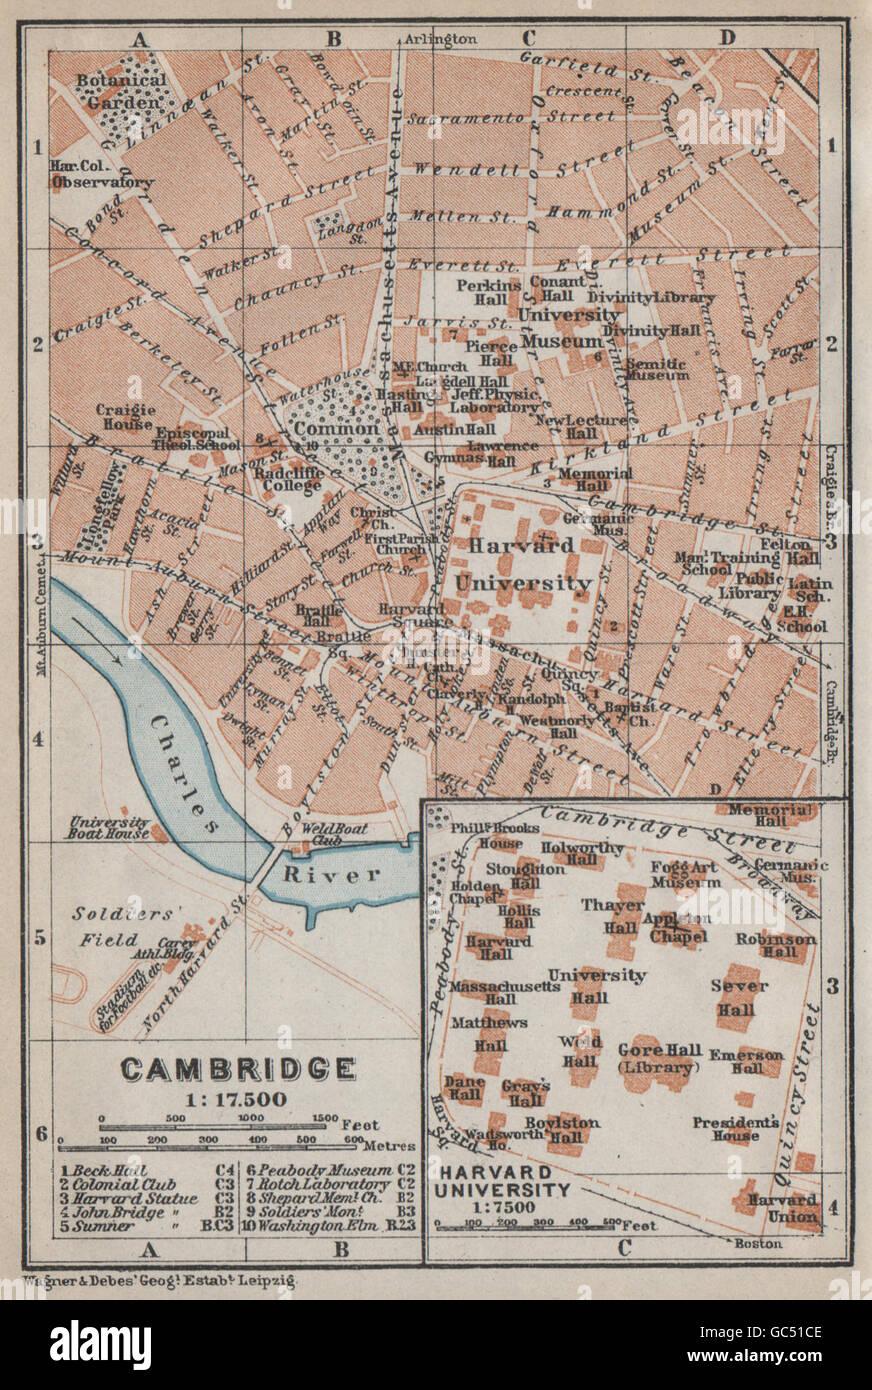 CAMBRIDGE, Machusetts town city plan. Inset Harvard University ... on